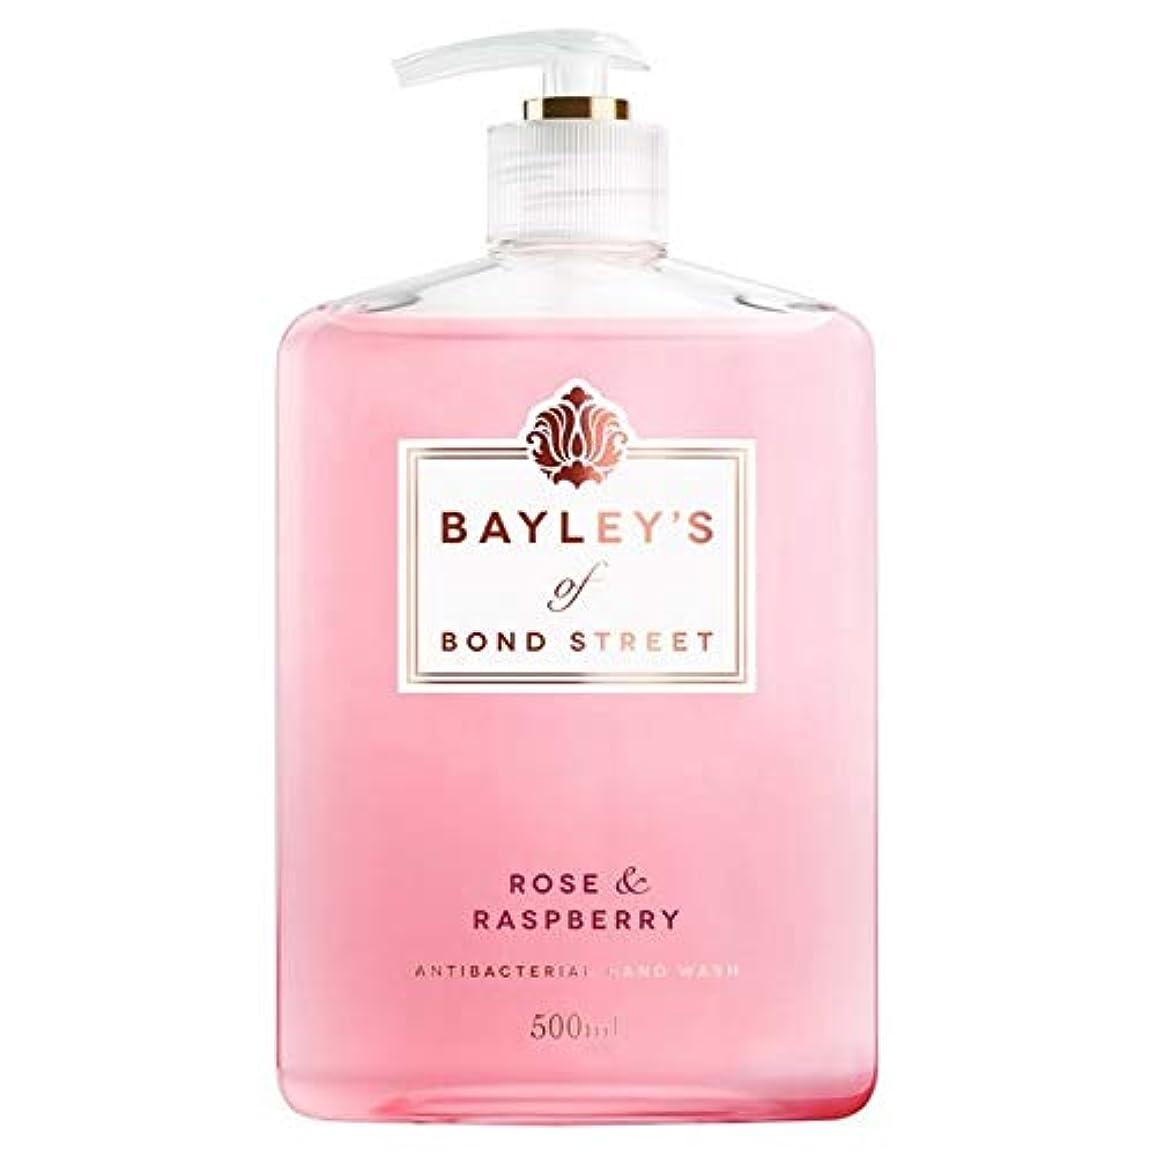 緩む拘束する罪[Bayley's of Bond Street ] ベイリーのボンドストリートのは、ローズ&ラズベリーのハンドウォッシュ500ミリリットル - Bayley's of Bond Street Rose & Raspberry Hand Wash 500ml [並行輸入品]